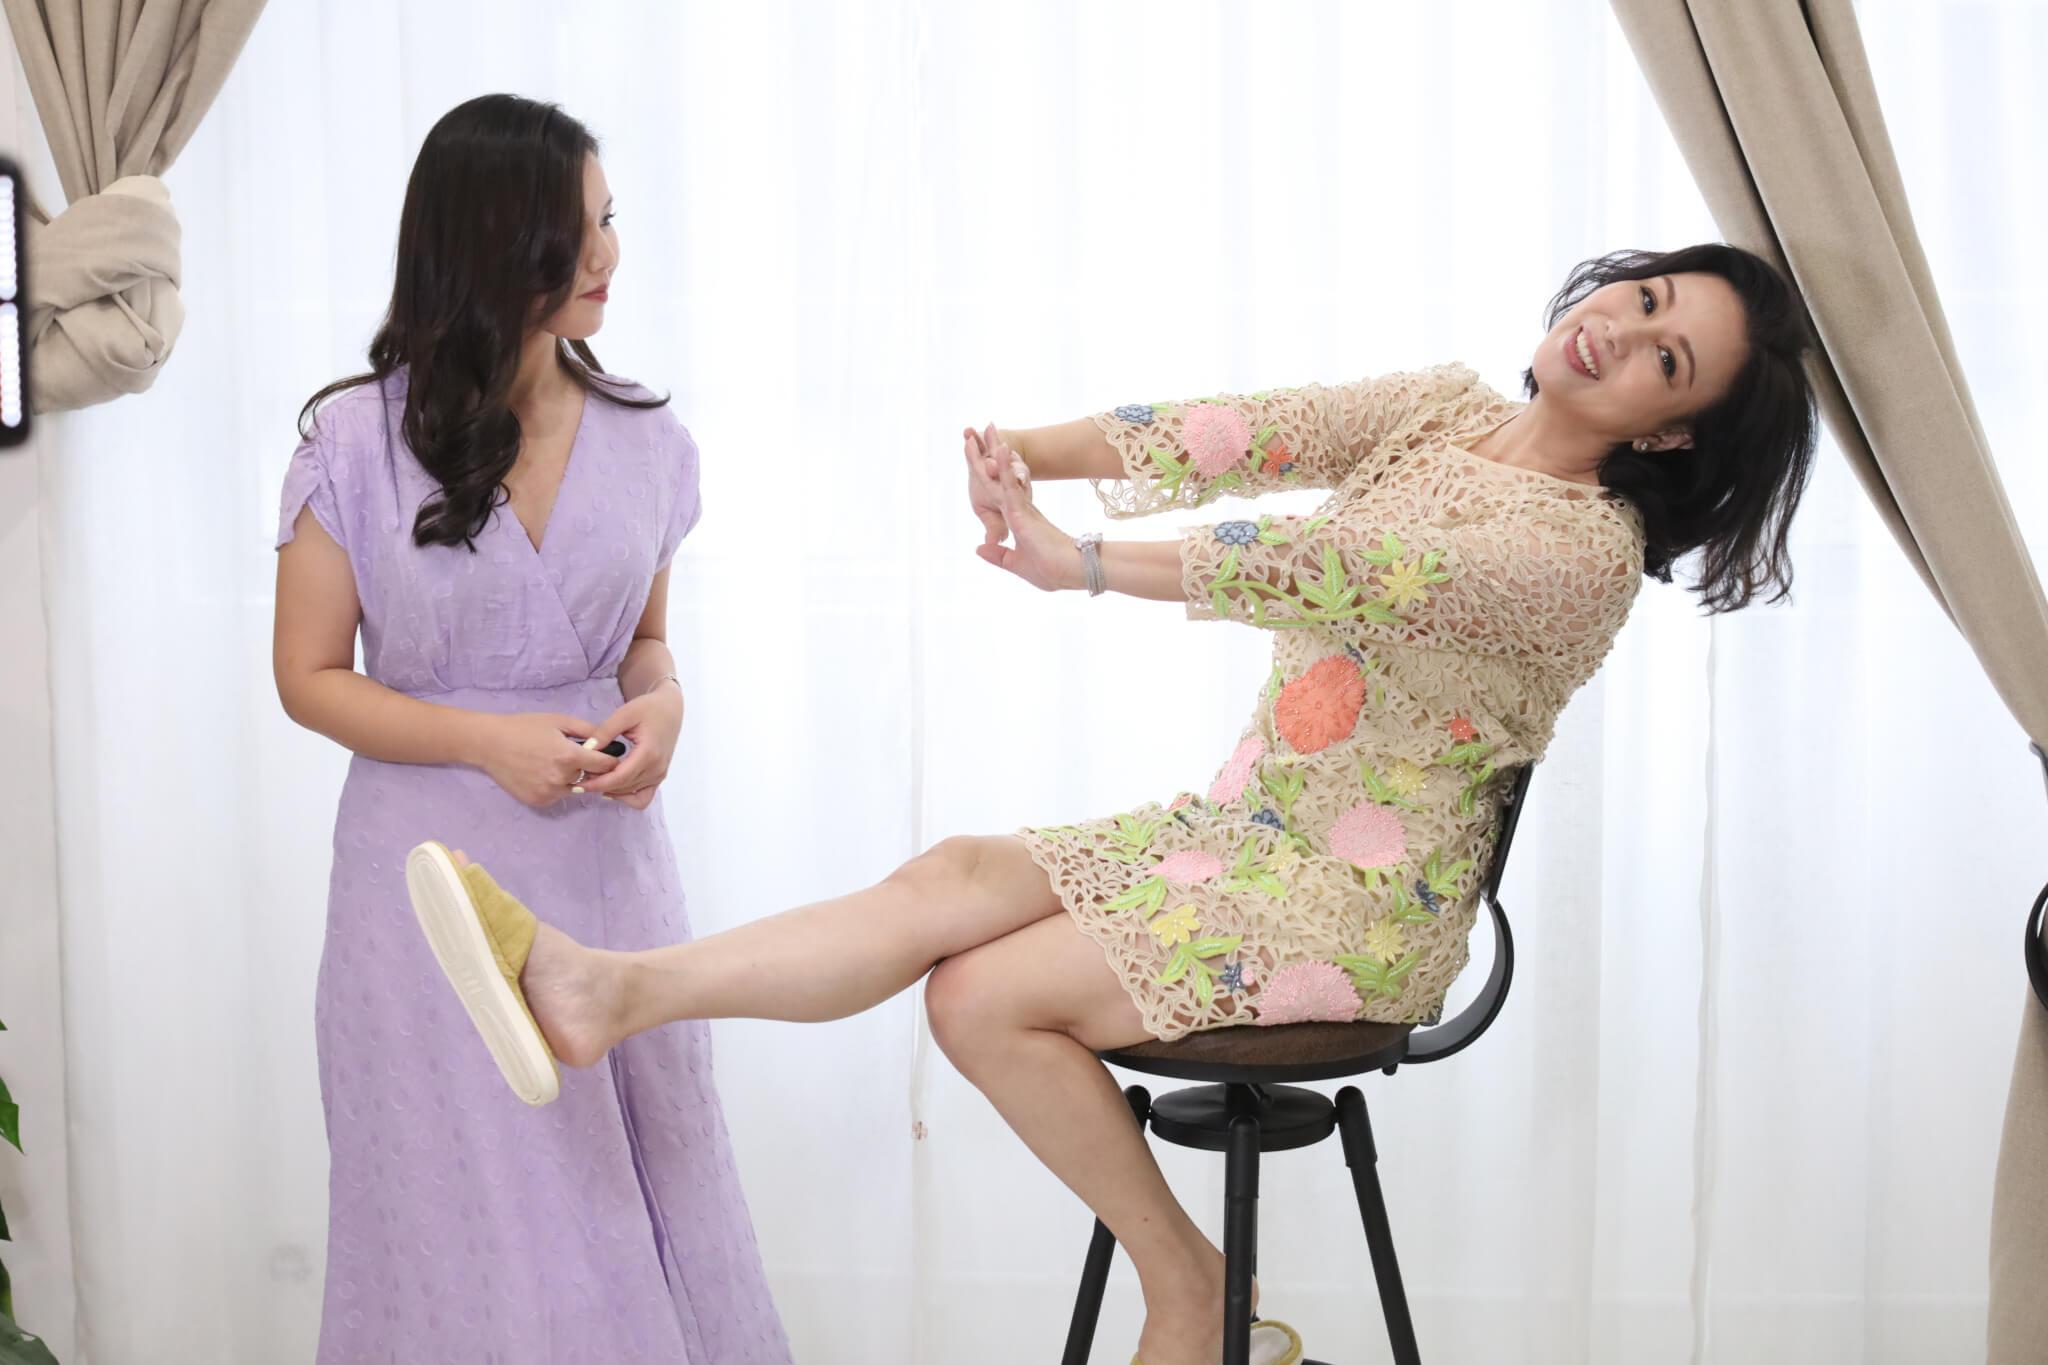 第一次為傳媒拍攝,Christy的確有點生硬,要母親文雪兒出手教她擺甫士。